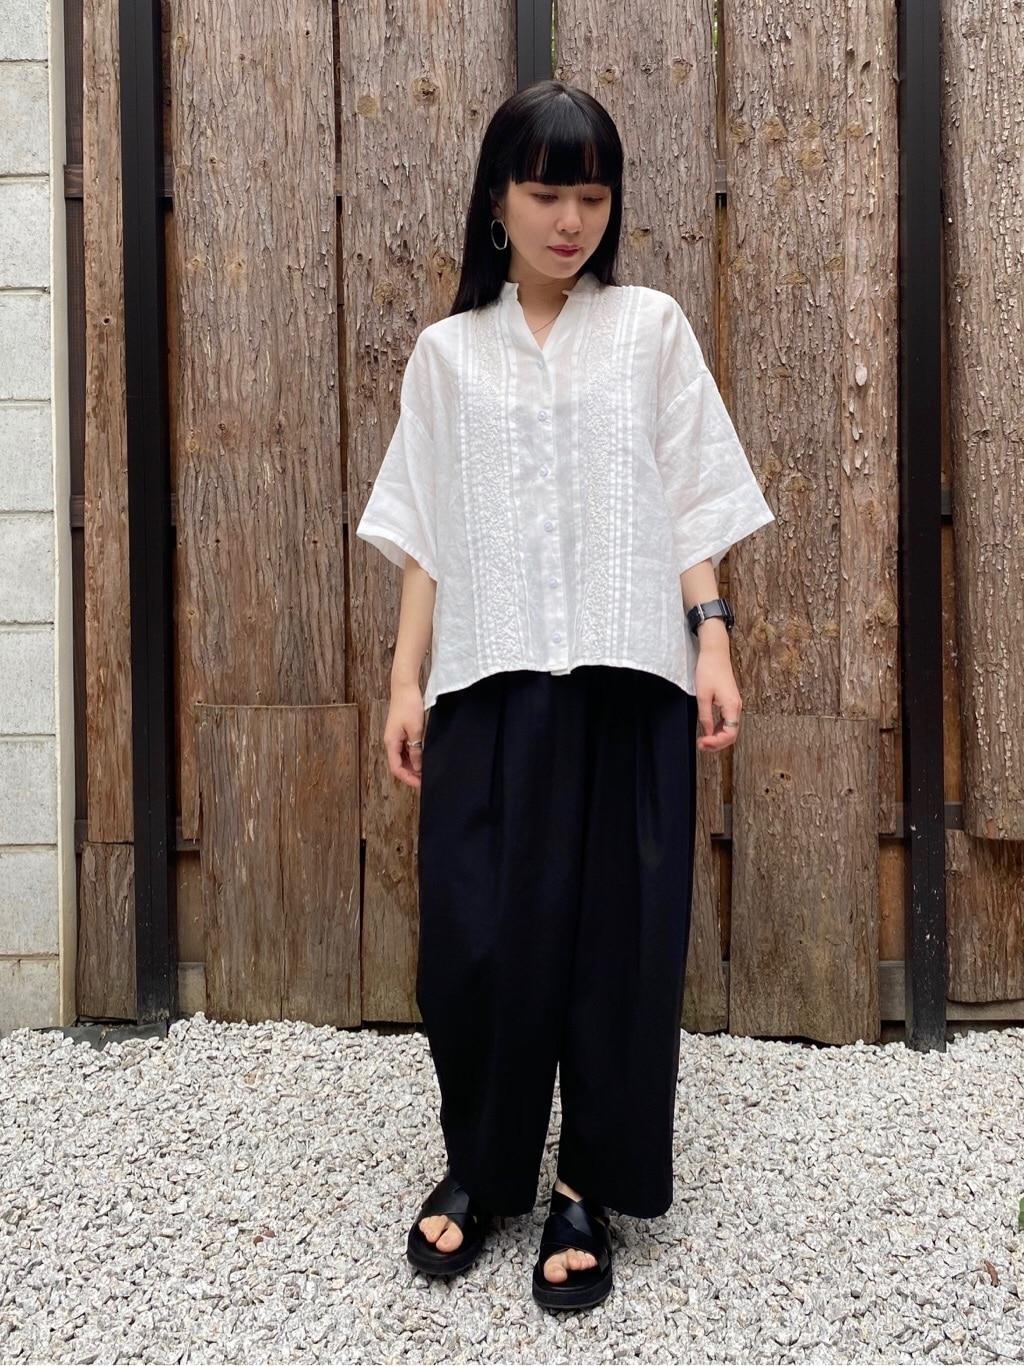 yuni 京都路面 身長:152cm 2020.06.11